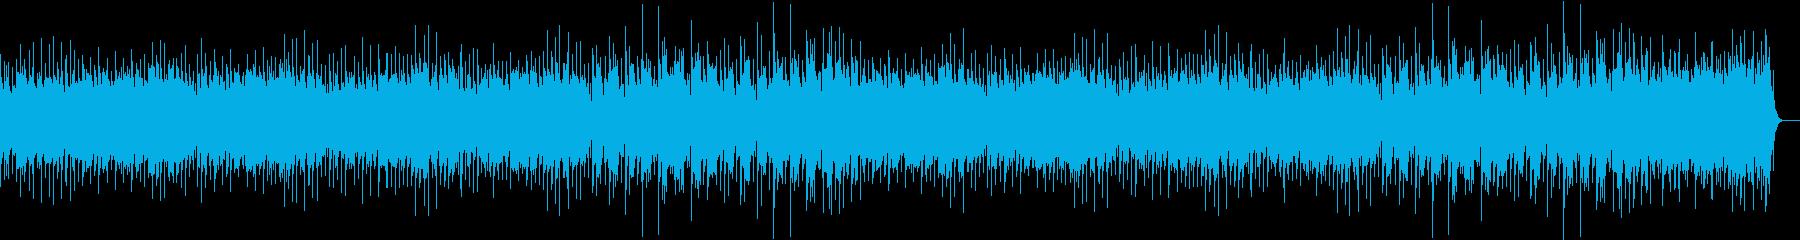 懐かしのラテンダンスミュージックの再生済みの波形